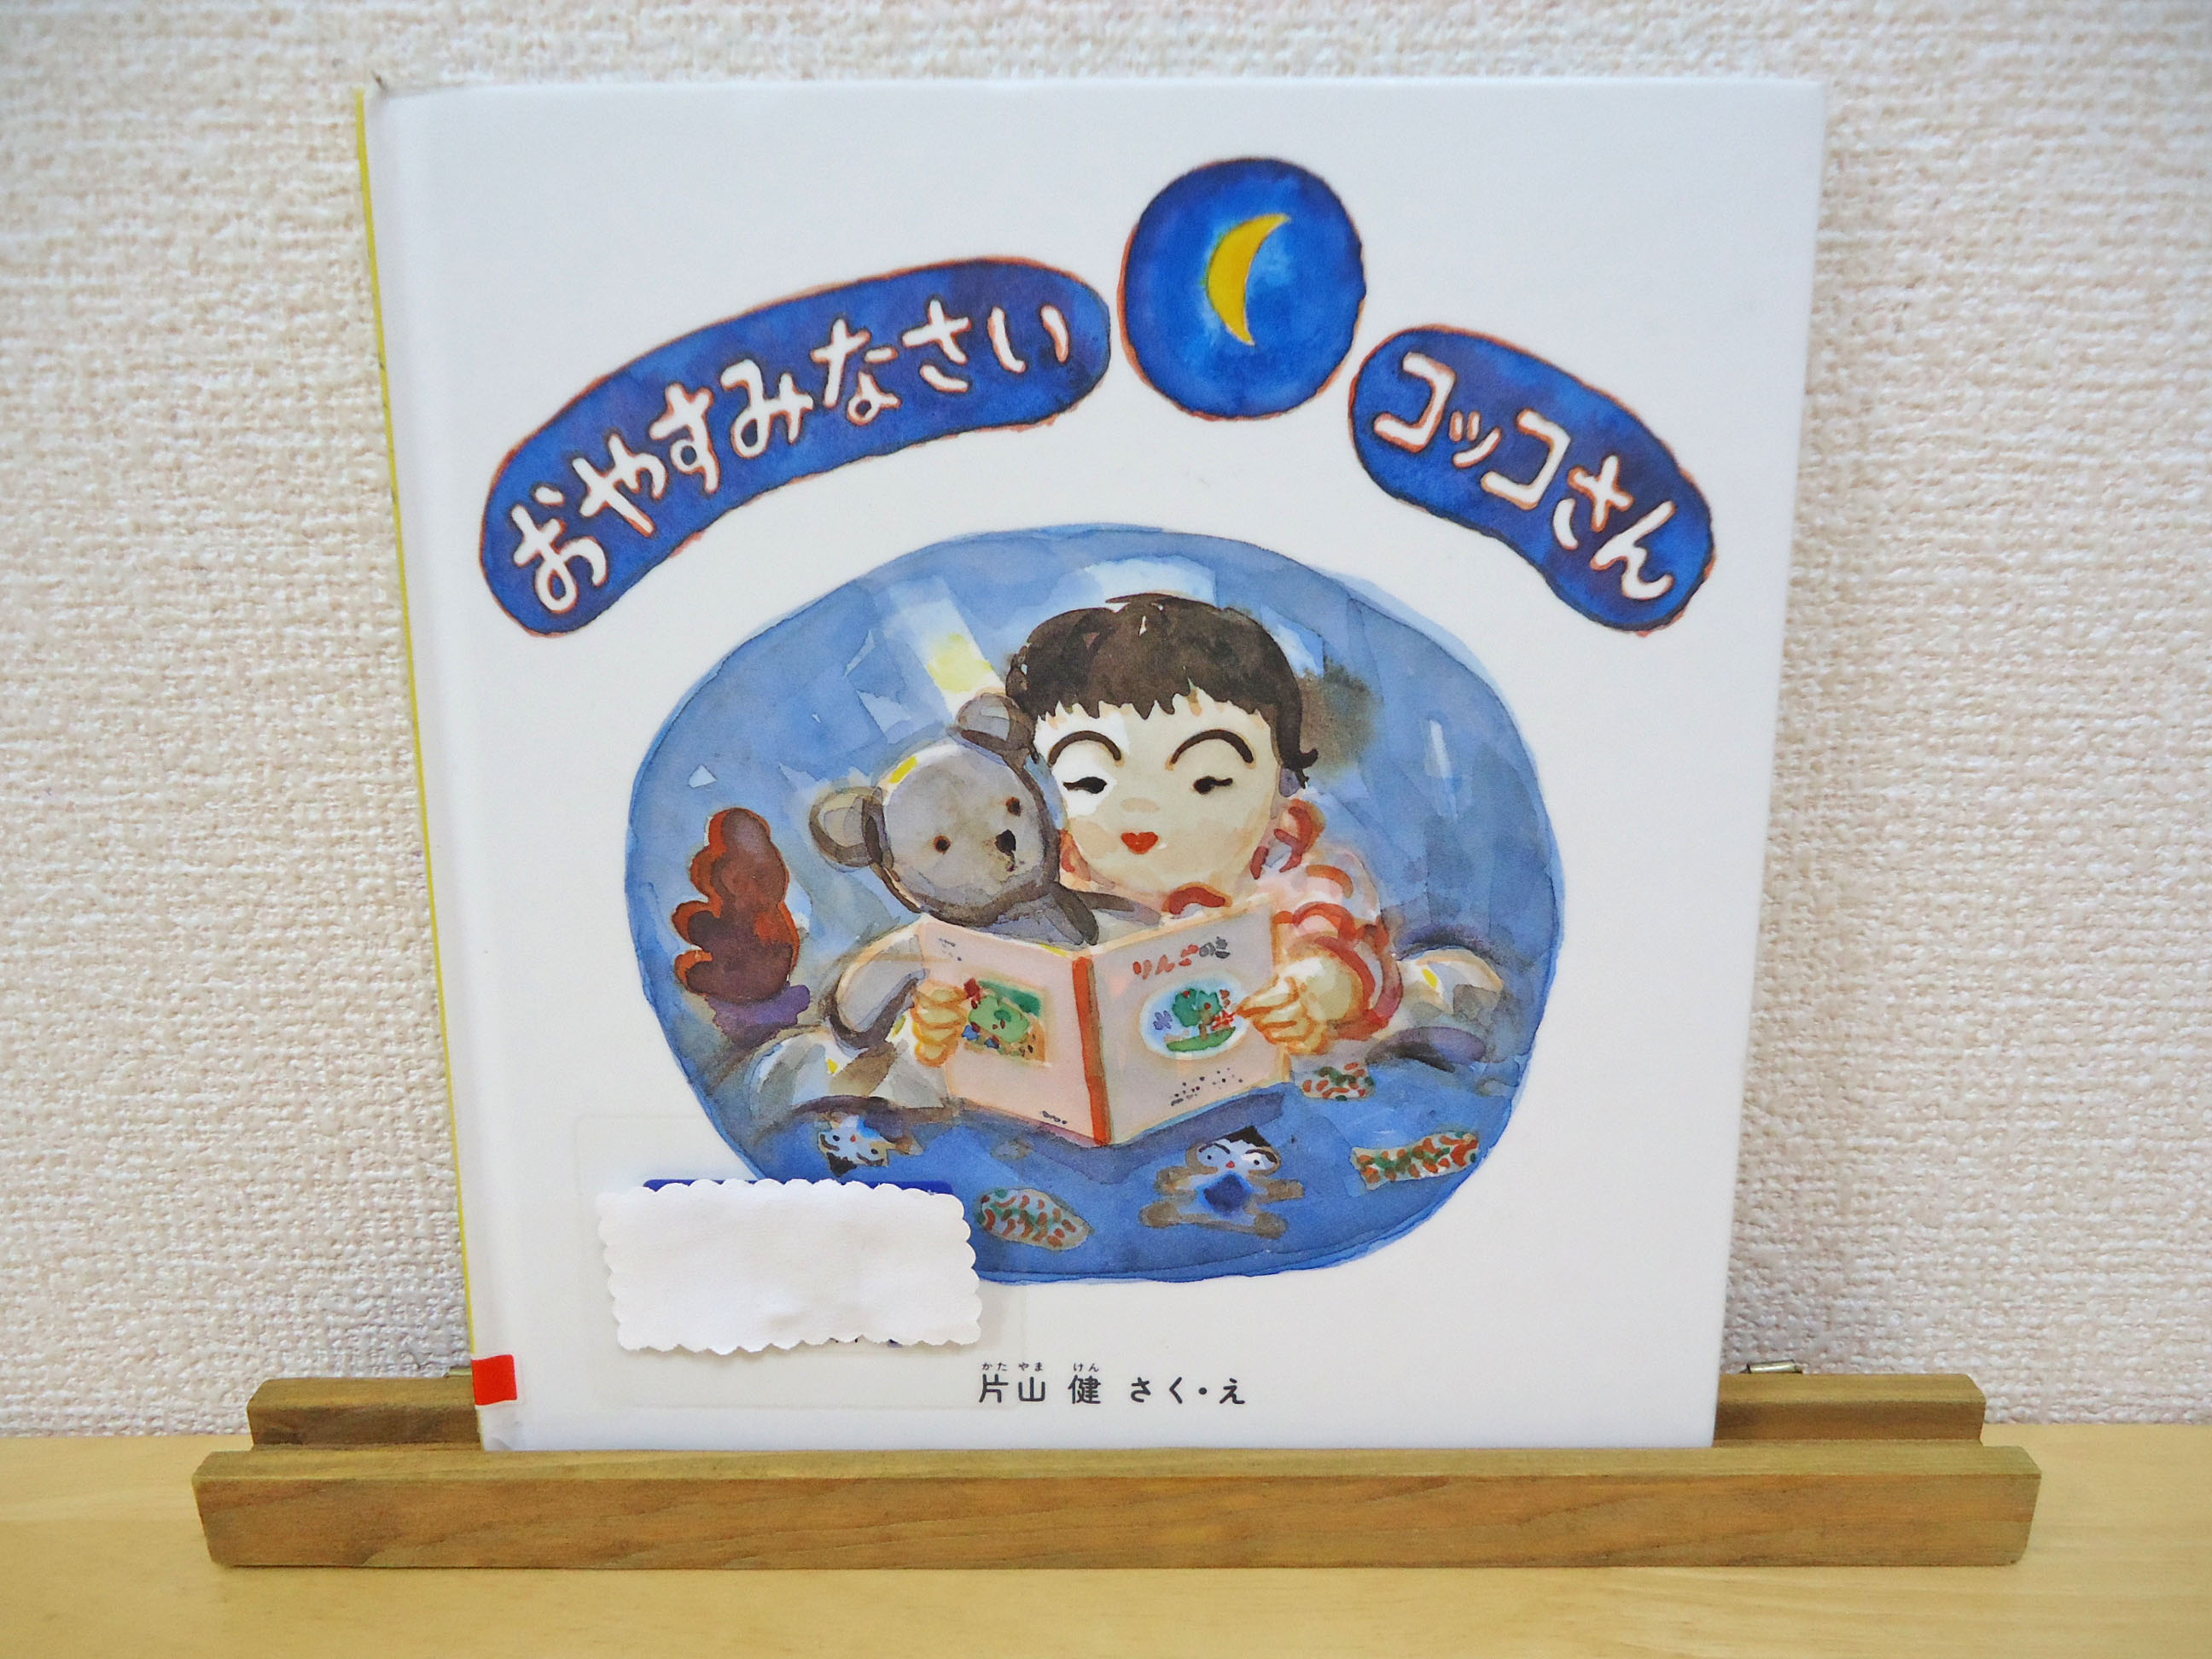 [絵本]『おやすみなさいコッコさん』子どもがより愛おしくなる絵本 | おうちですごそう